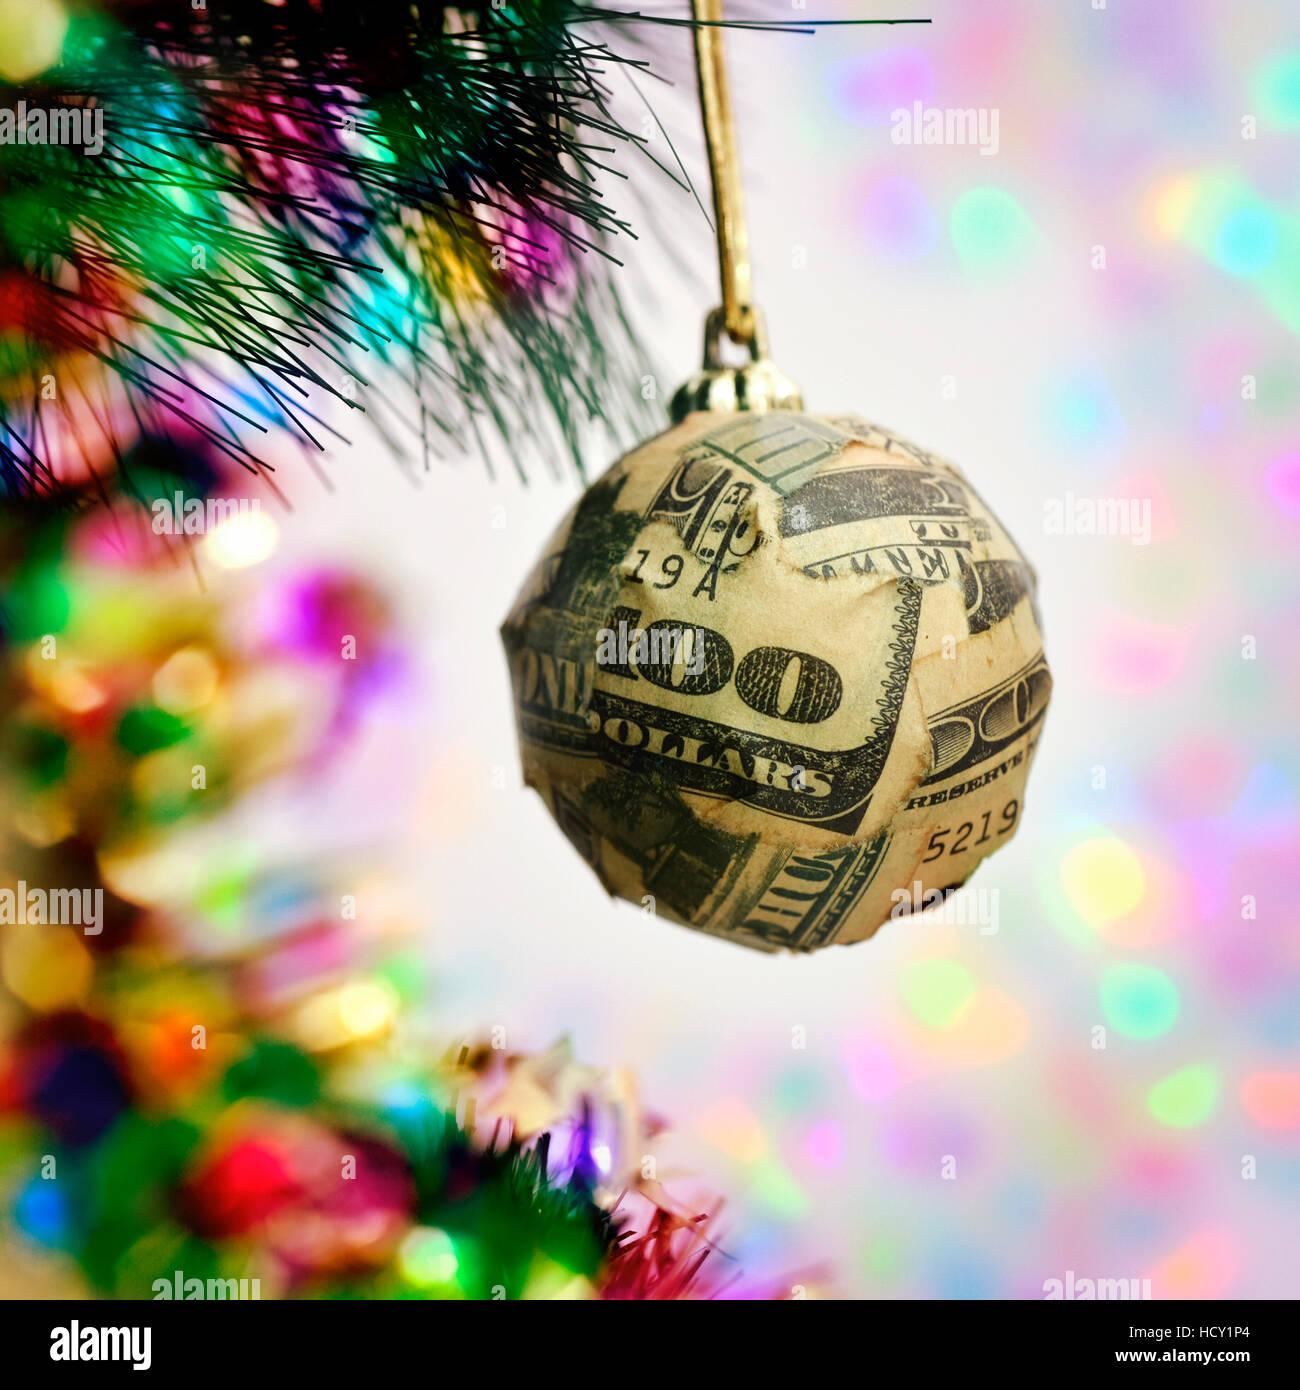 Une boule de noël enveloppé dans une centaine de pièces d'un billet de dollar accroché à Photo Stock